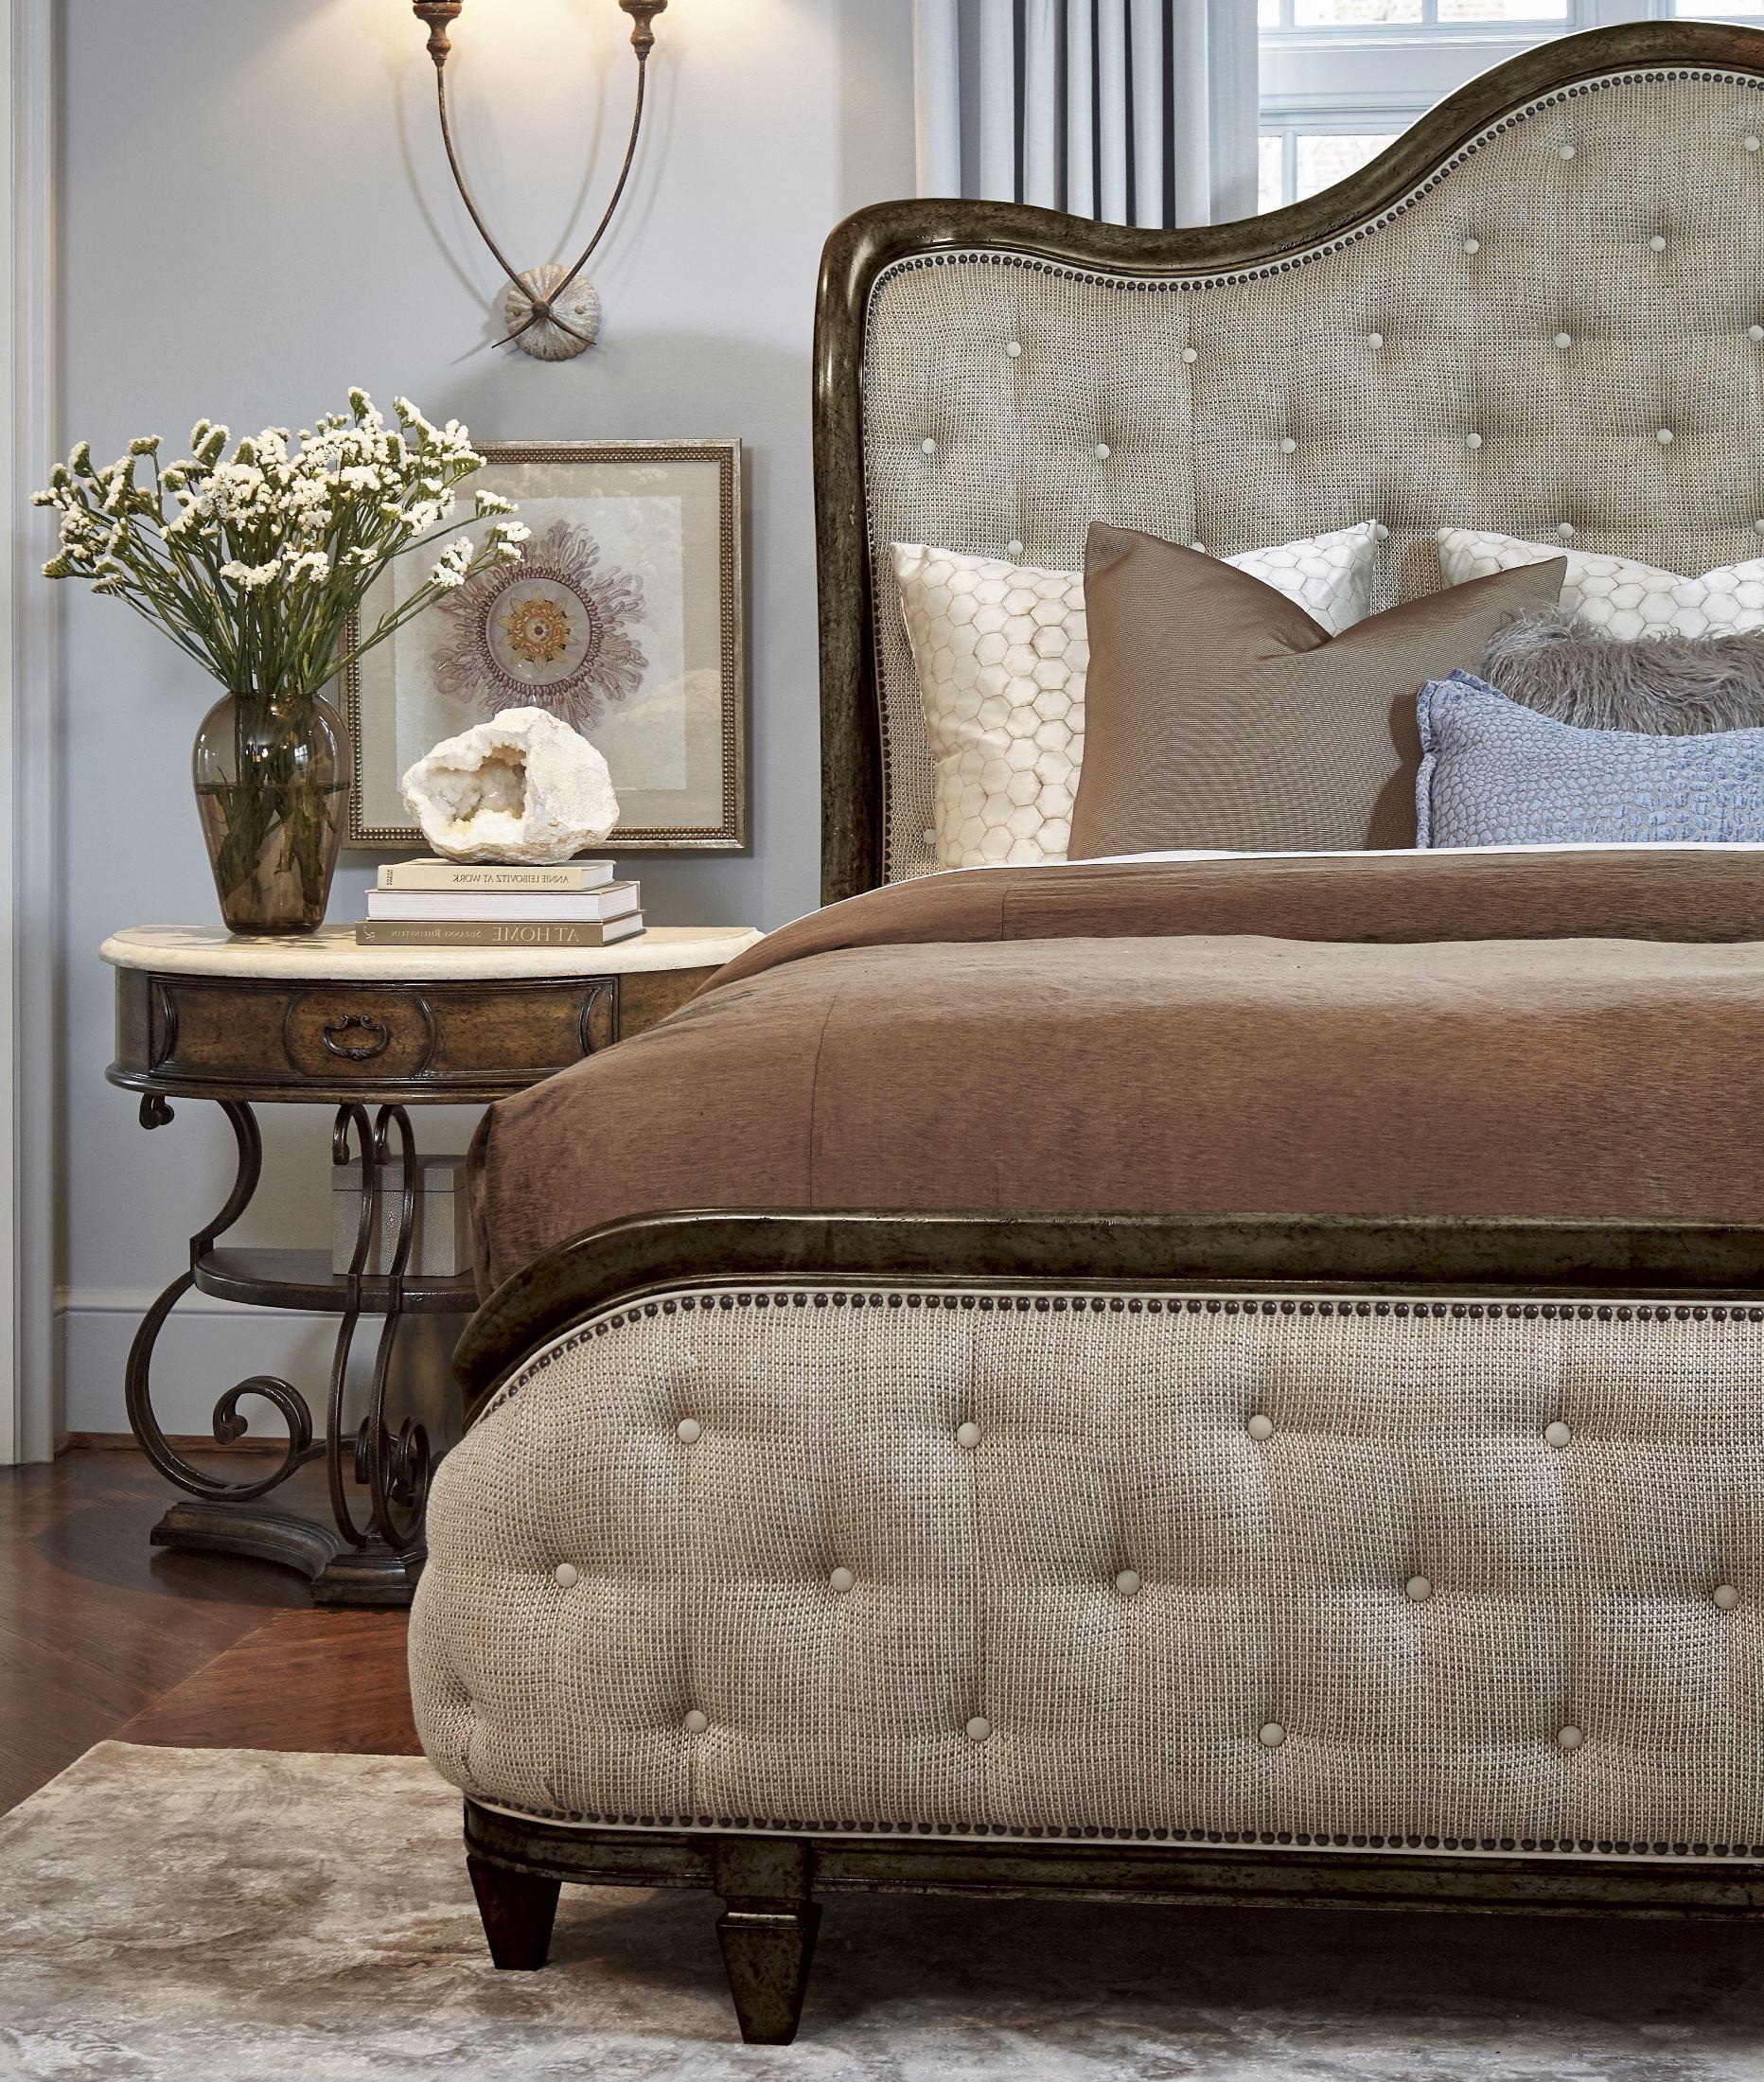 Continental Vintage Melang Upholstered Shelter Bedroom Set 237125 2615 A R T